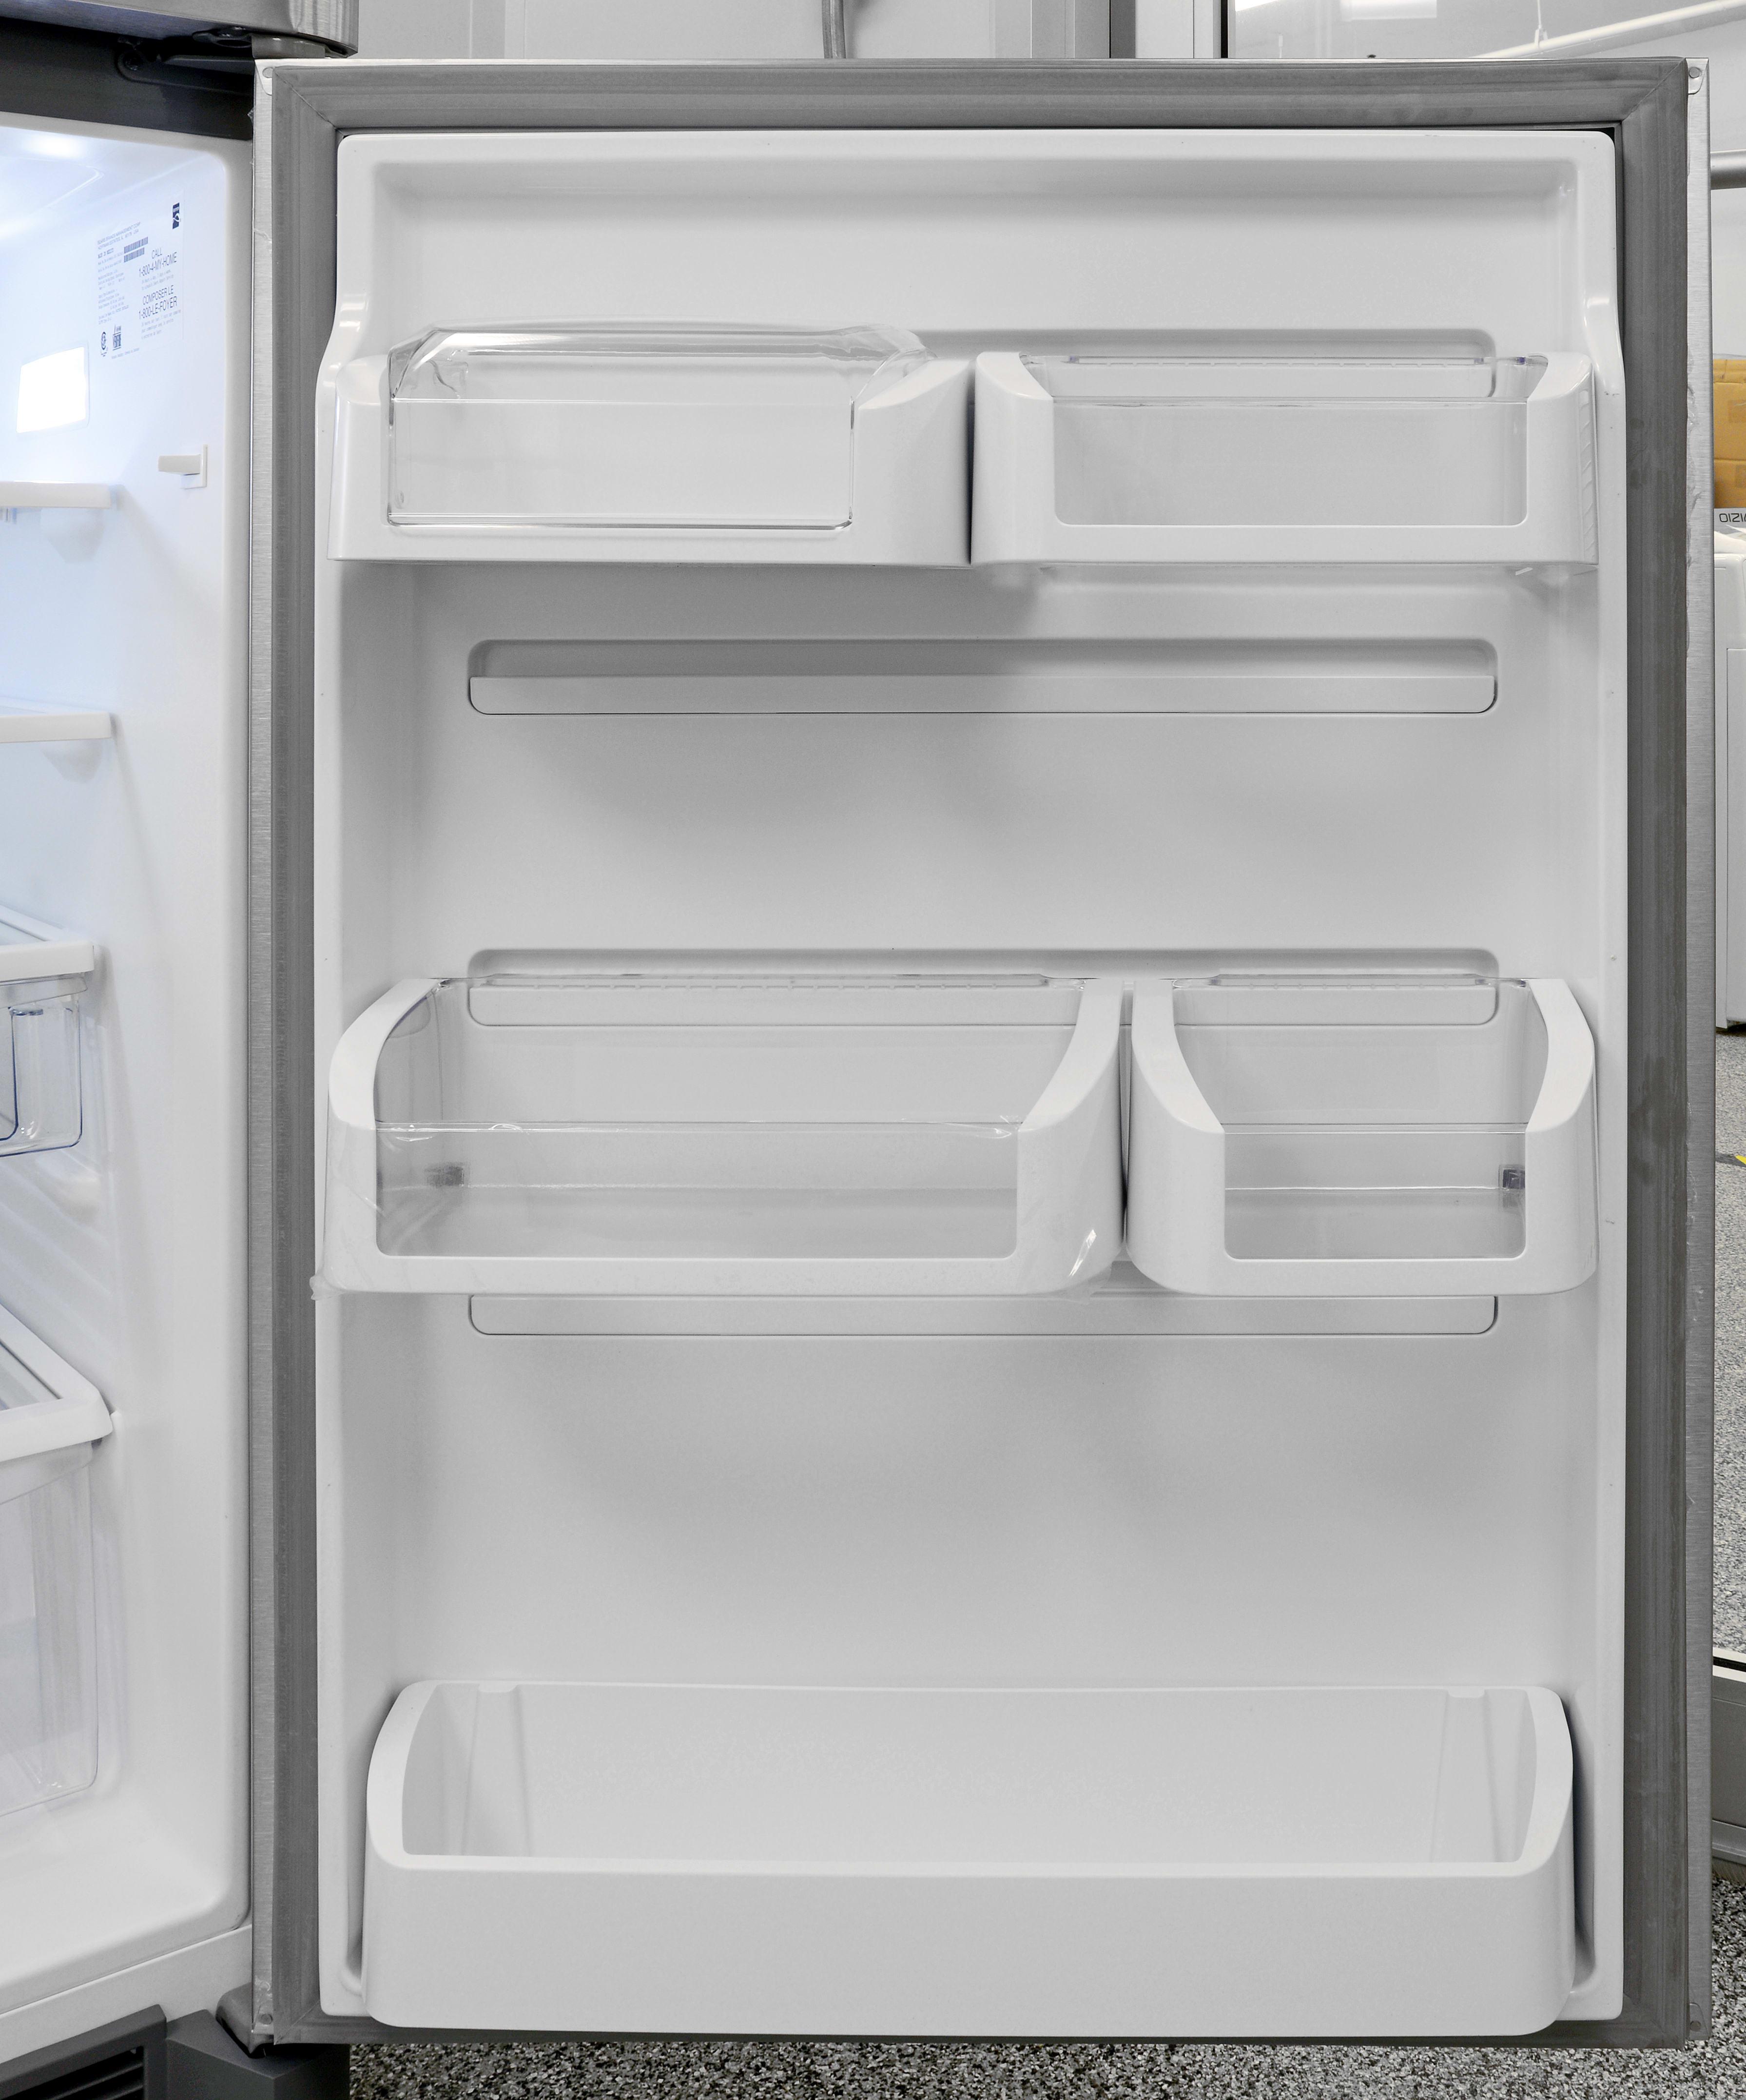 The Kenmore 70623's adjustable, sliding door buckets offer door storage with unparalleled flexibility.